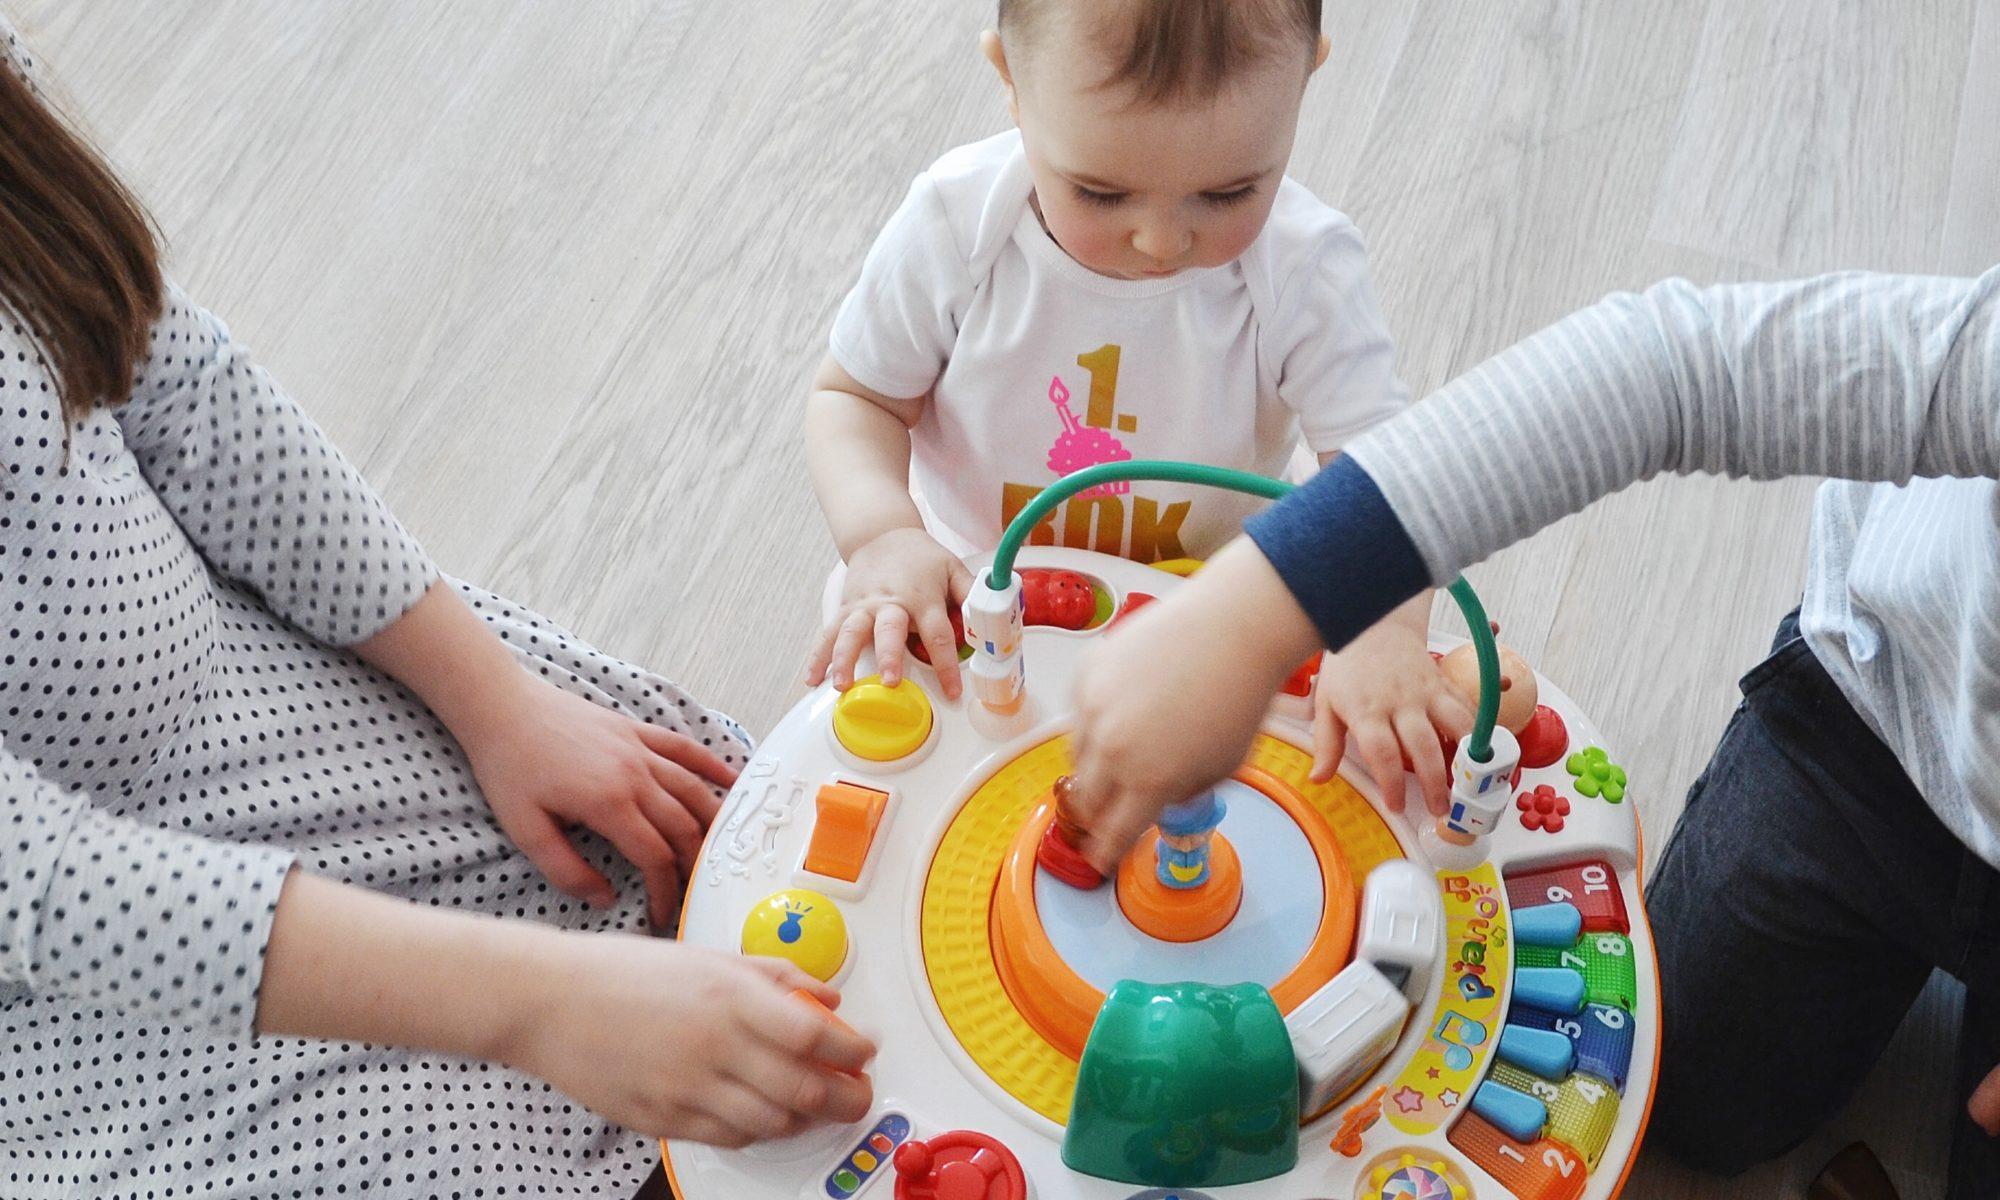 hračky k prvním narozeninám Tipy na dárky k prvním narozeninám – Máma na cestách hračky k prvním narozeninám